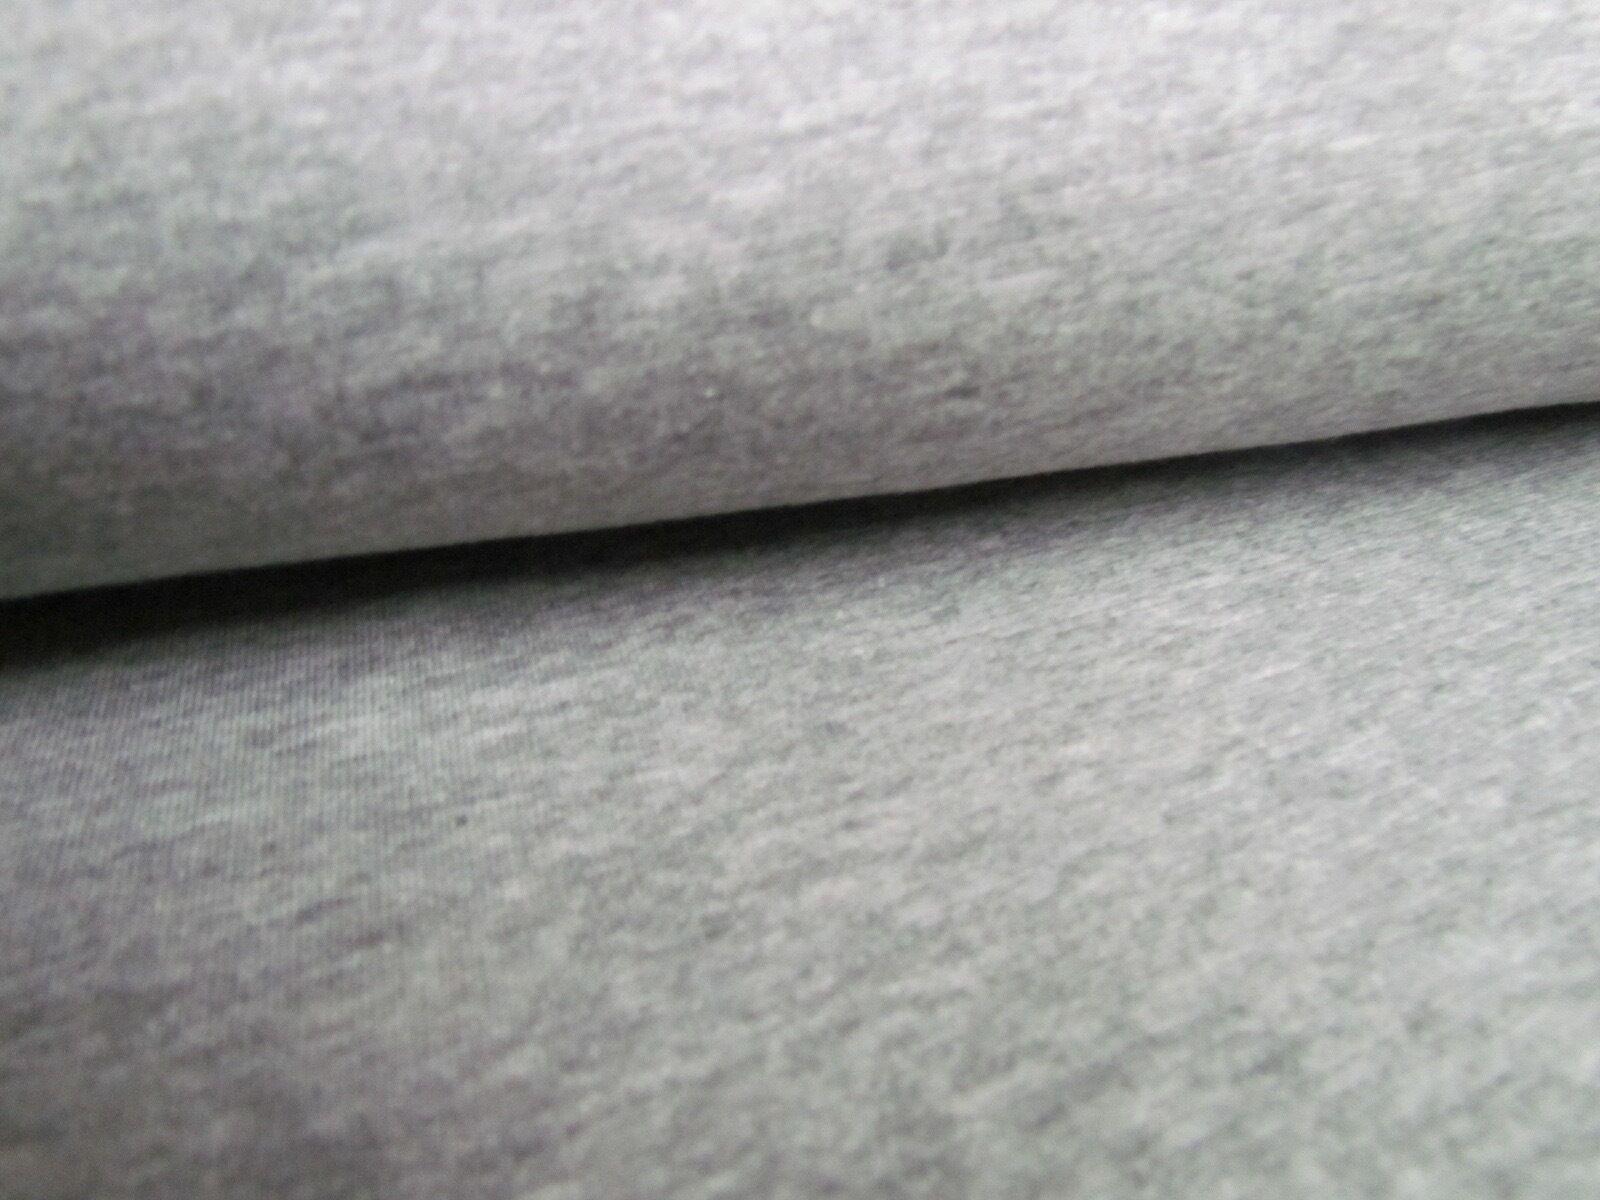 Wintersweat Baumwollsweat hellgrau meliert Baumwolle Sweat Sweatstoff grau